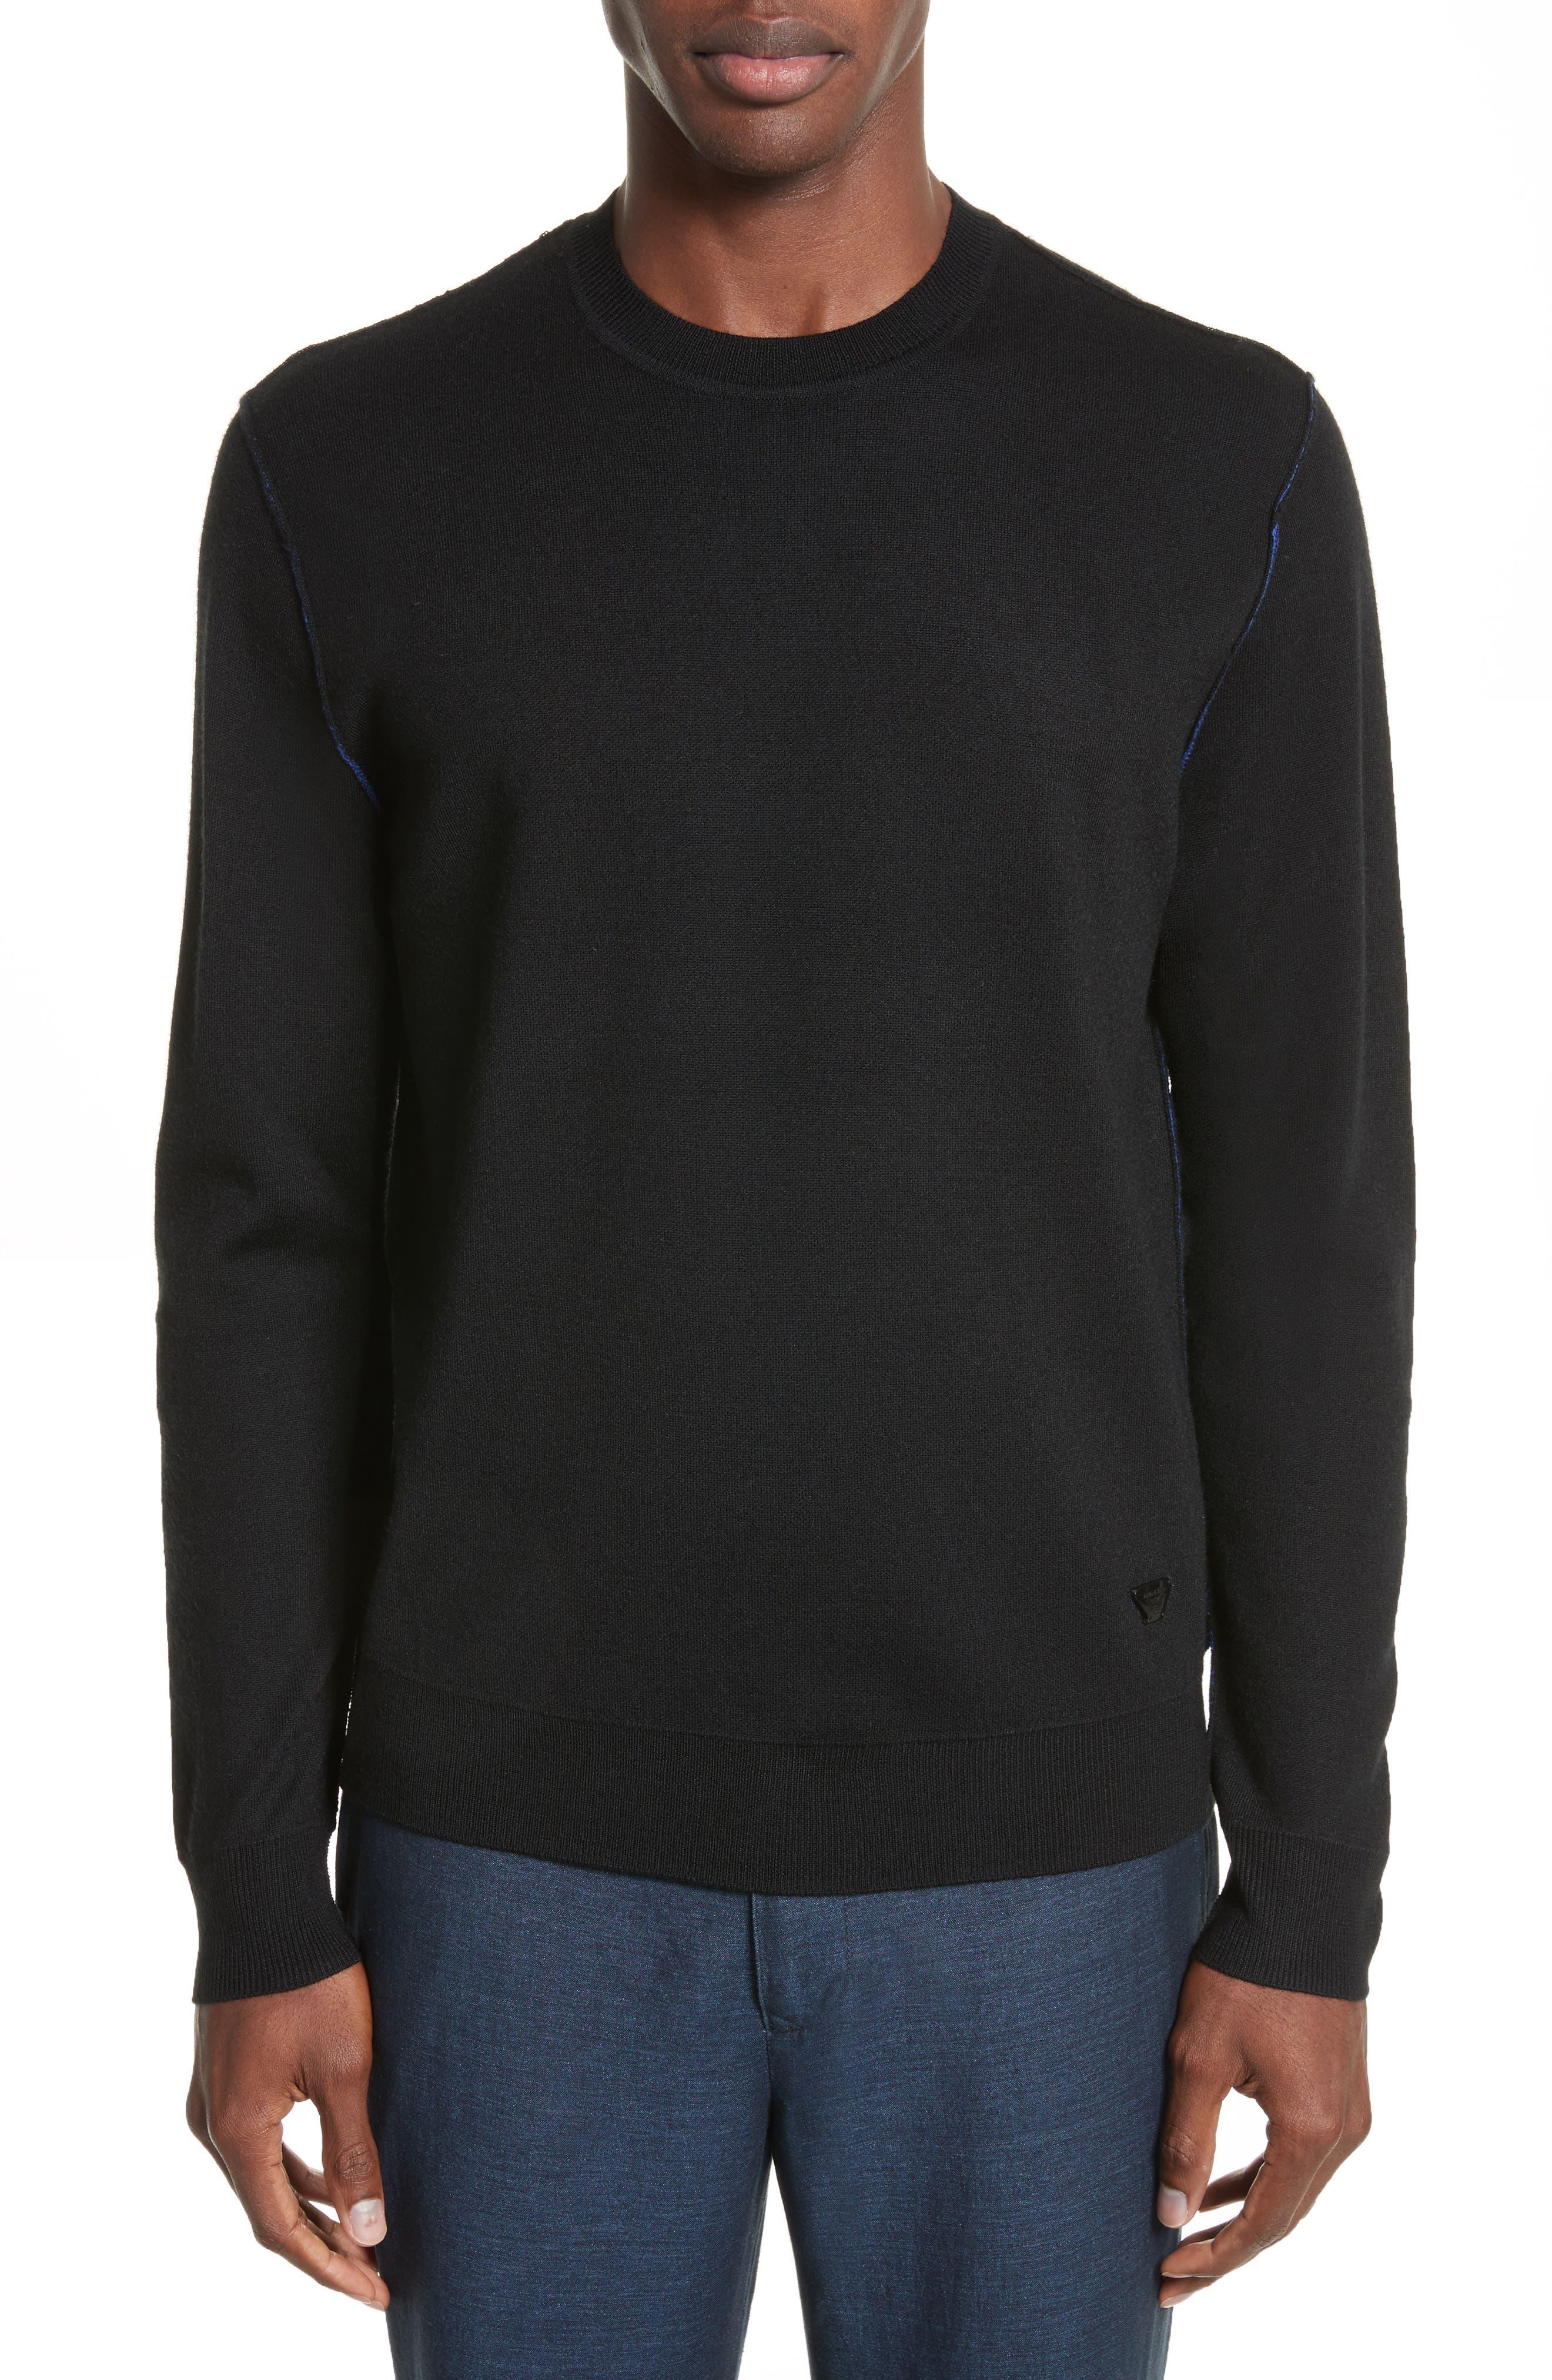 Armani Collezioni AJ Crewneck Sweater